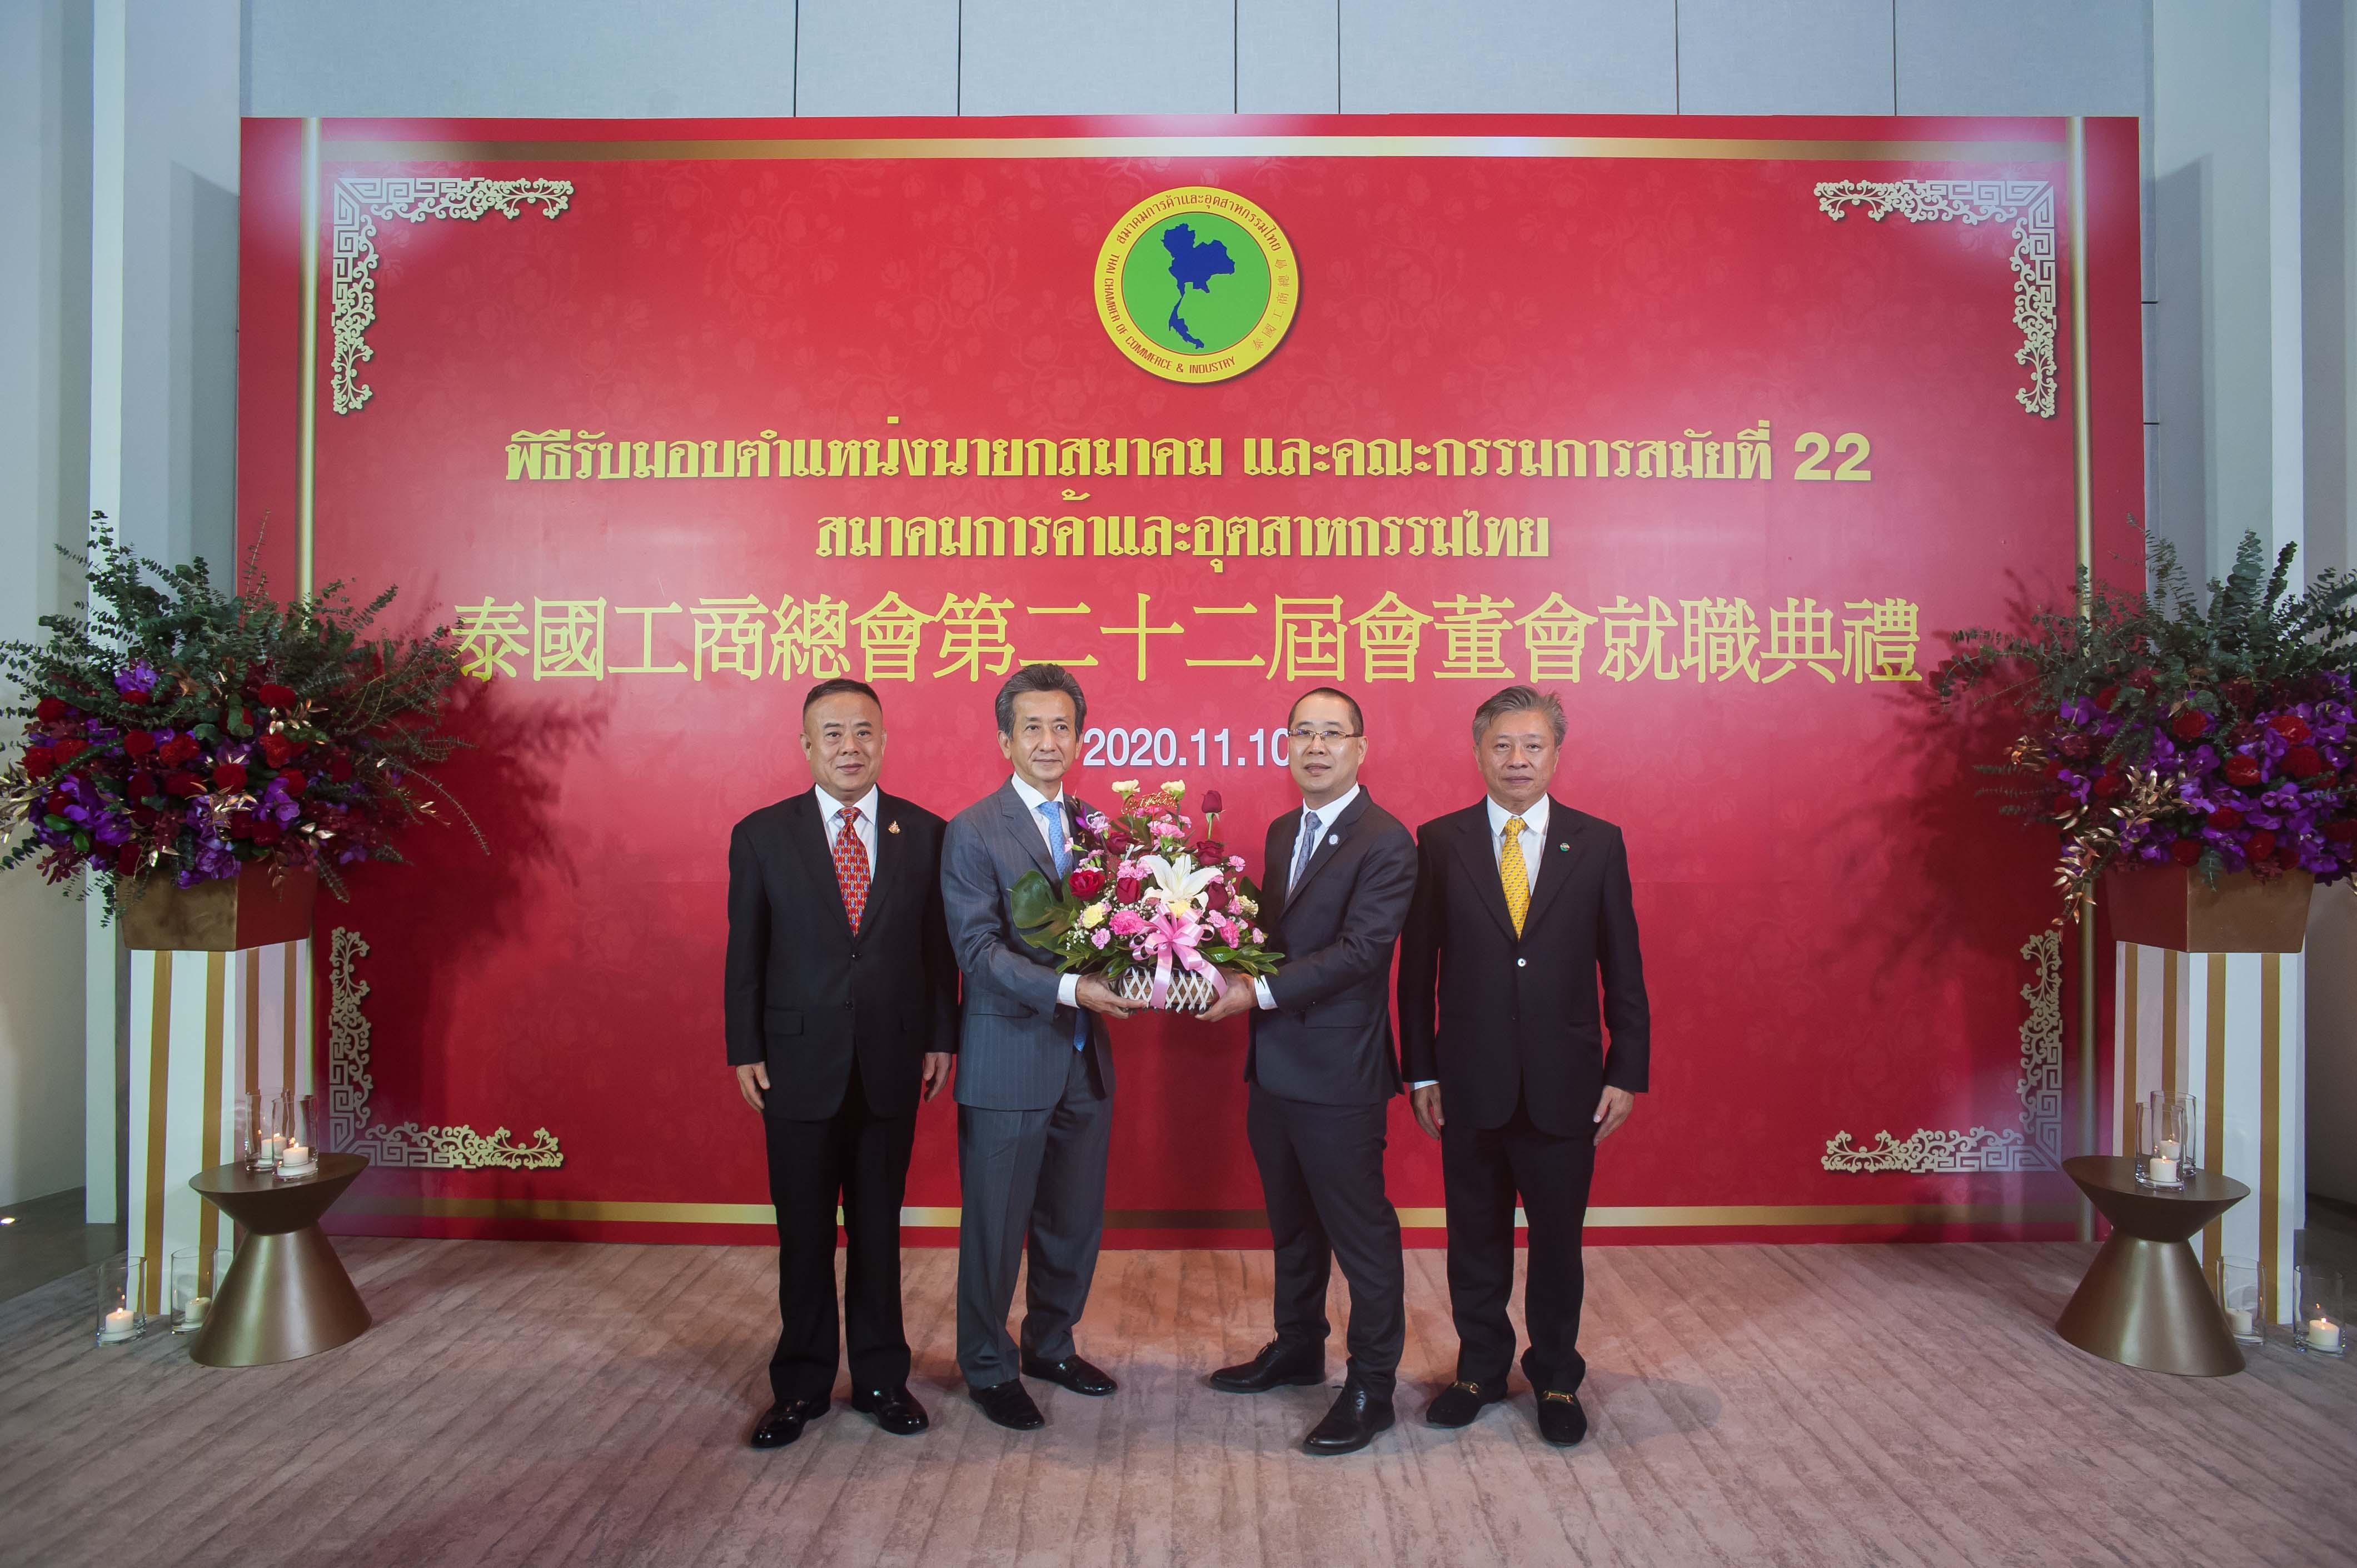 泰国温州商会郑炳克会长出席泰国工商总会第22届董事会就职典礼